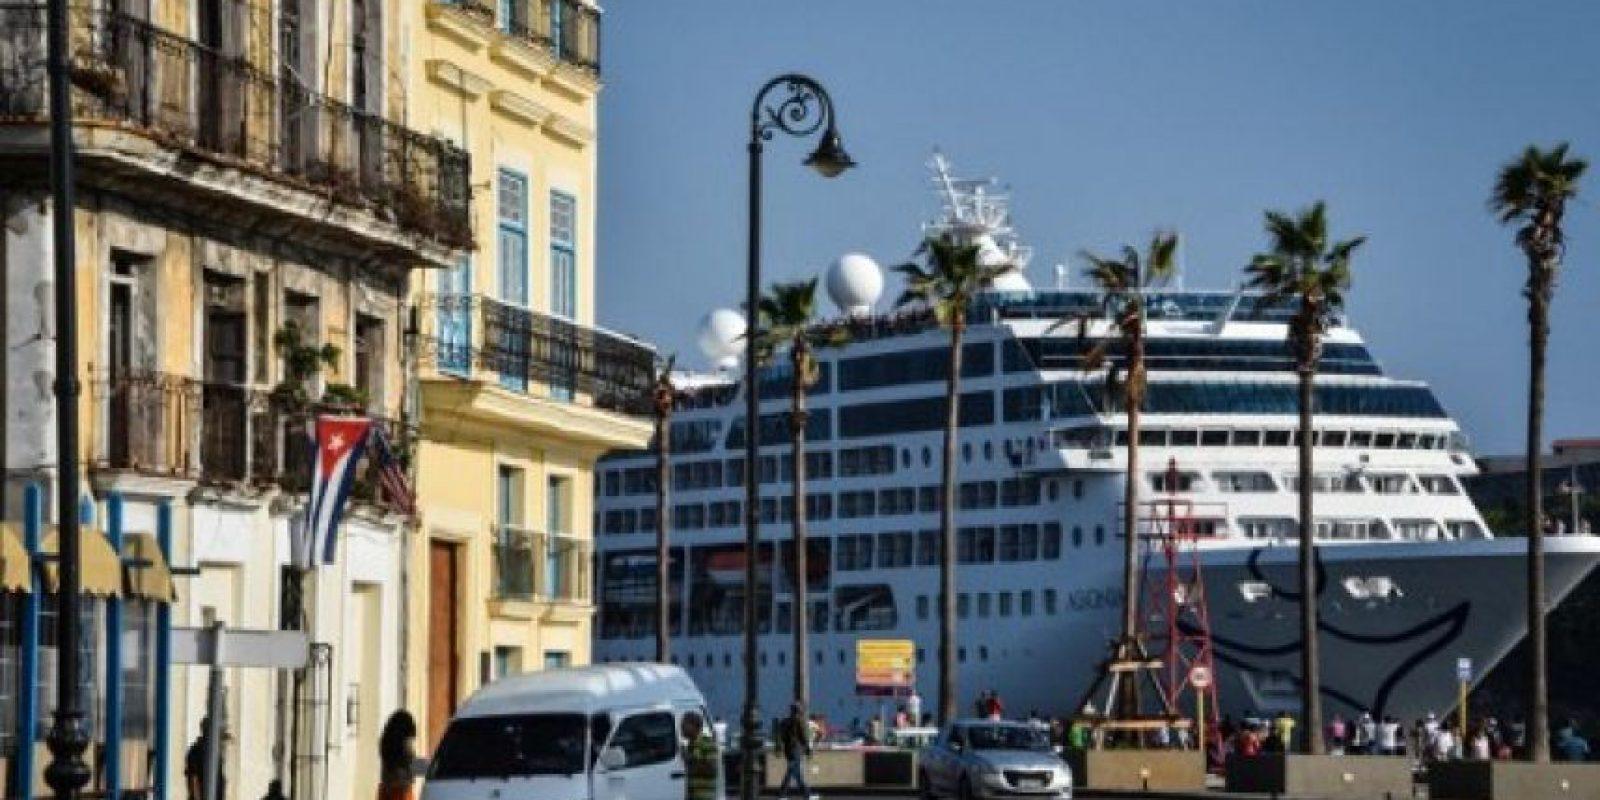 El viaje fue posible después de que se permitiera embarcar a ciudadanos de la isla. Foto:AFP